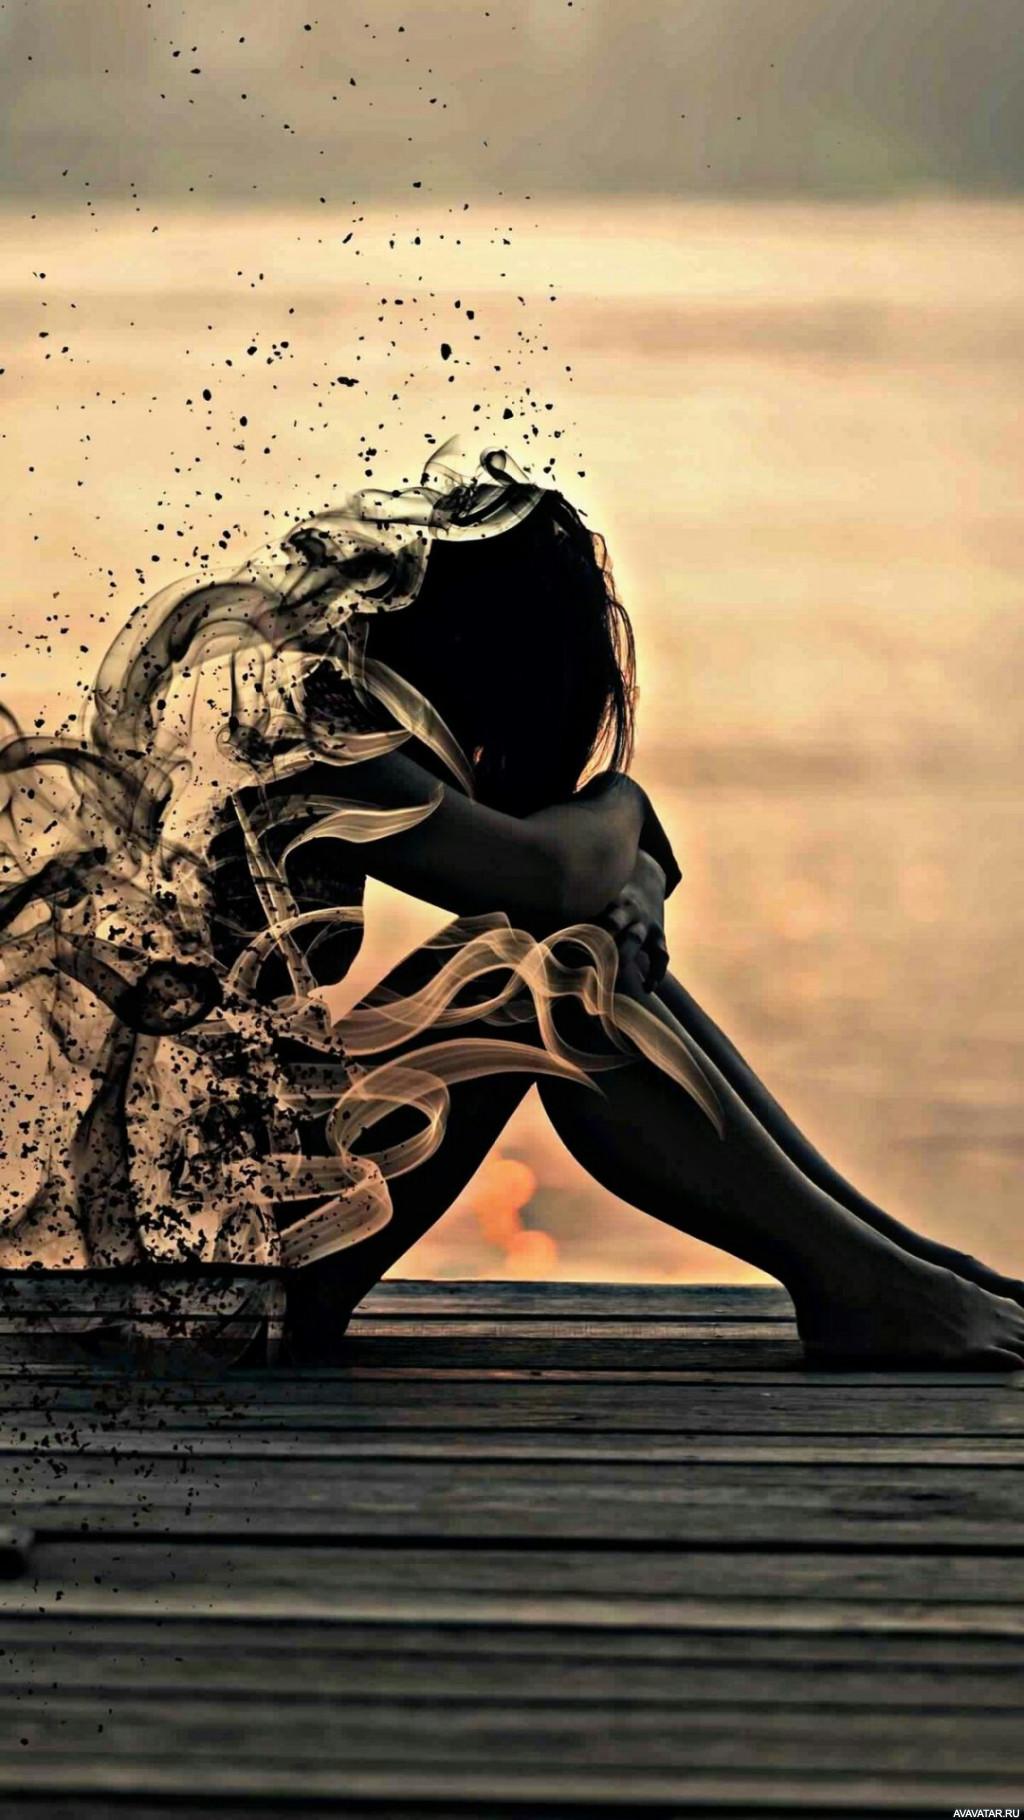 Комментарием, картинки с надписями со смыслом о боли